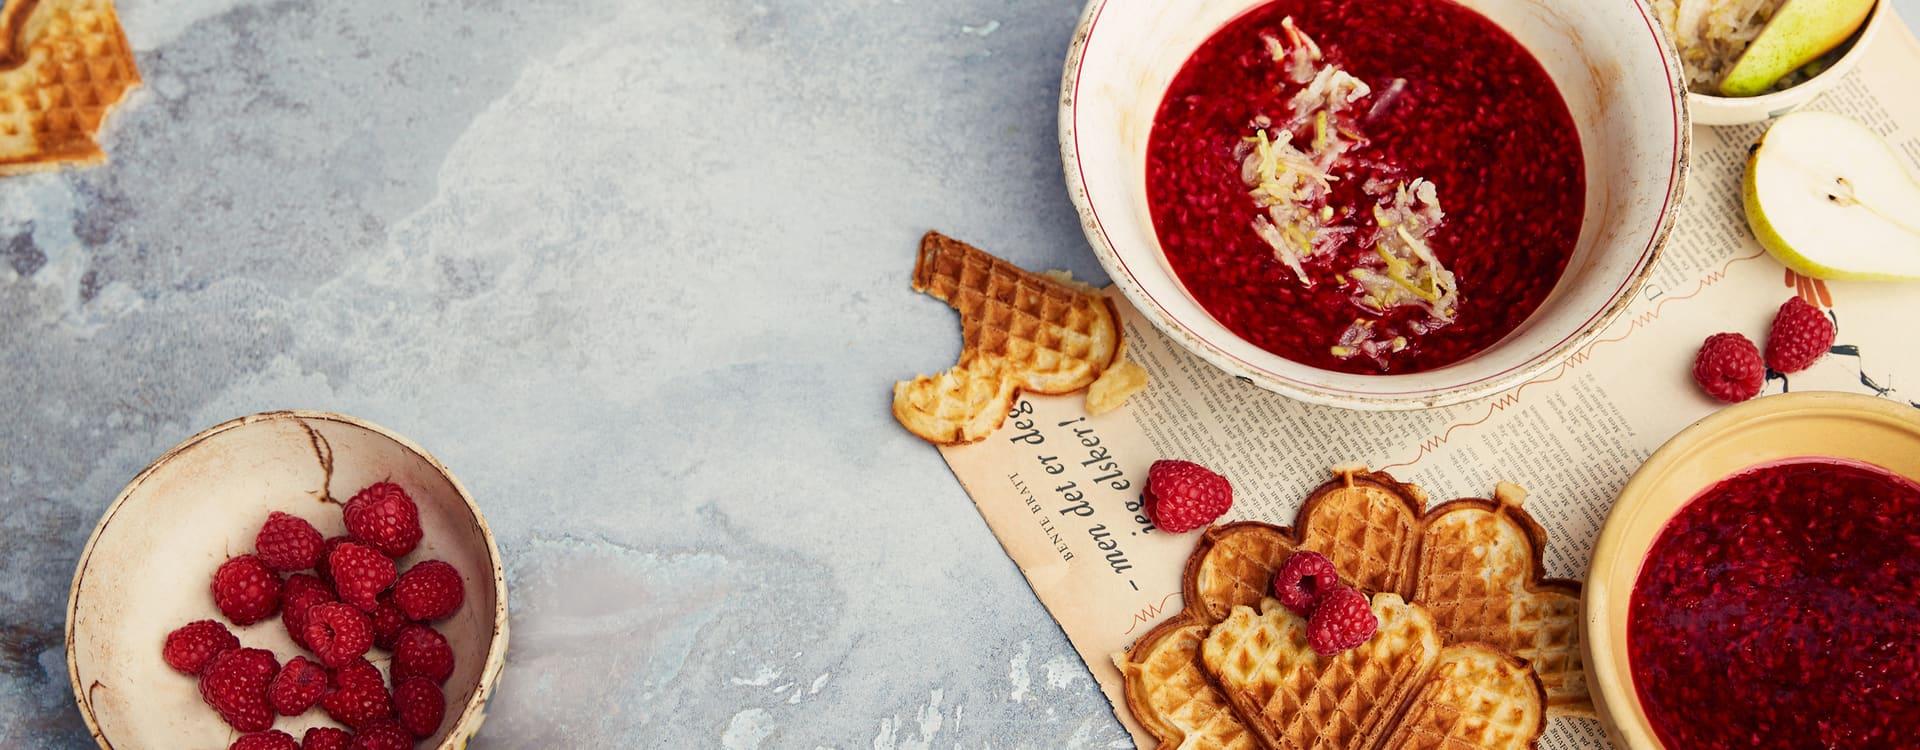 Varm bringebærsuppe med pæresalat og vafler